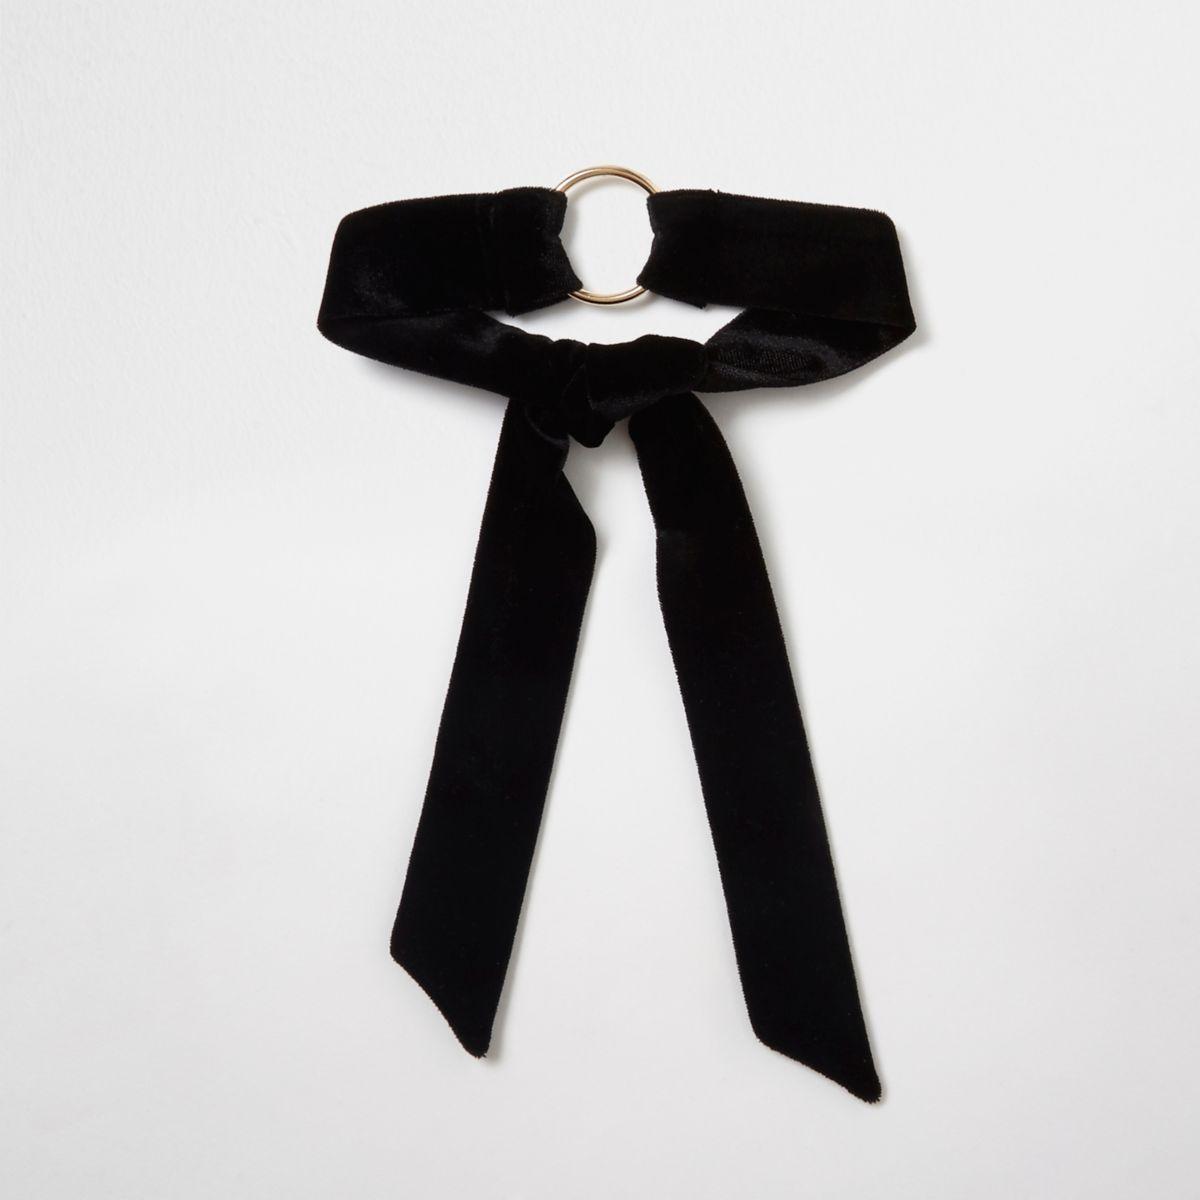 Black velvet ring multi-purpose choker